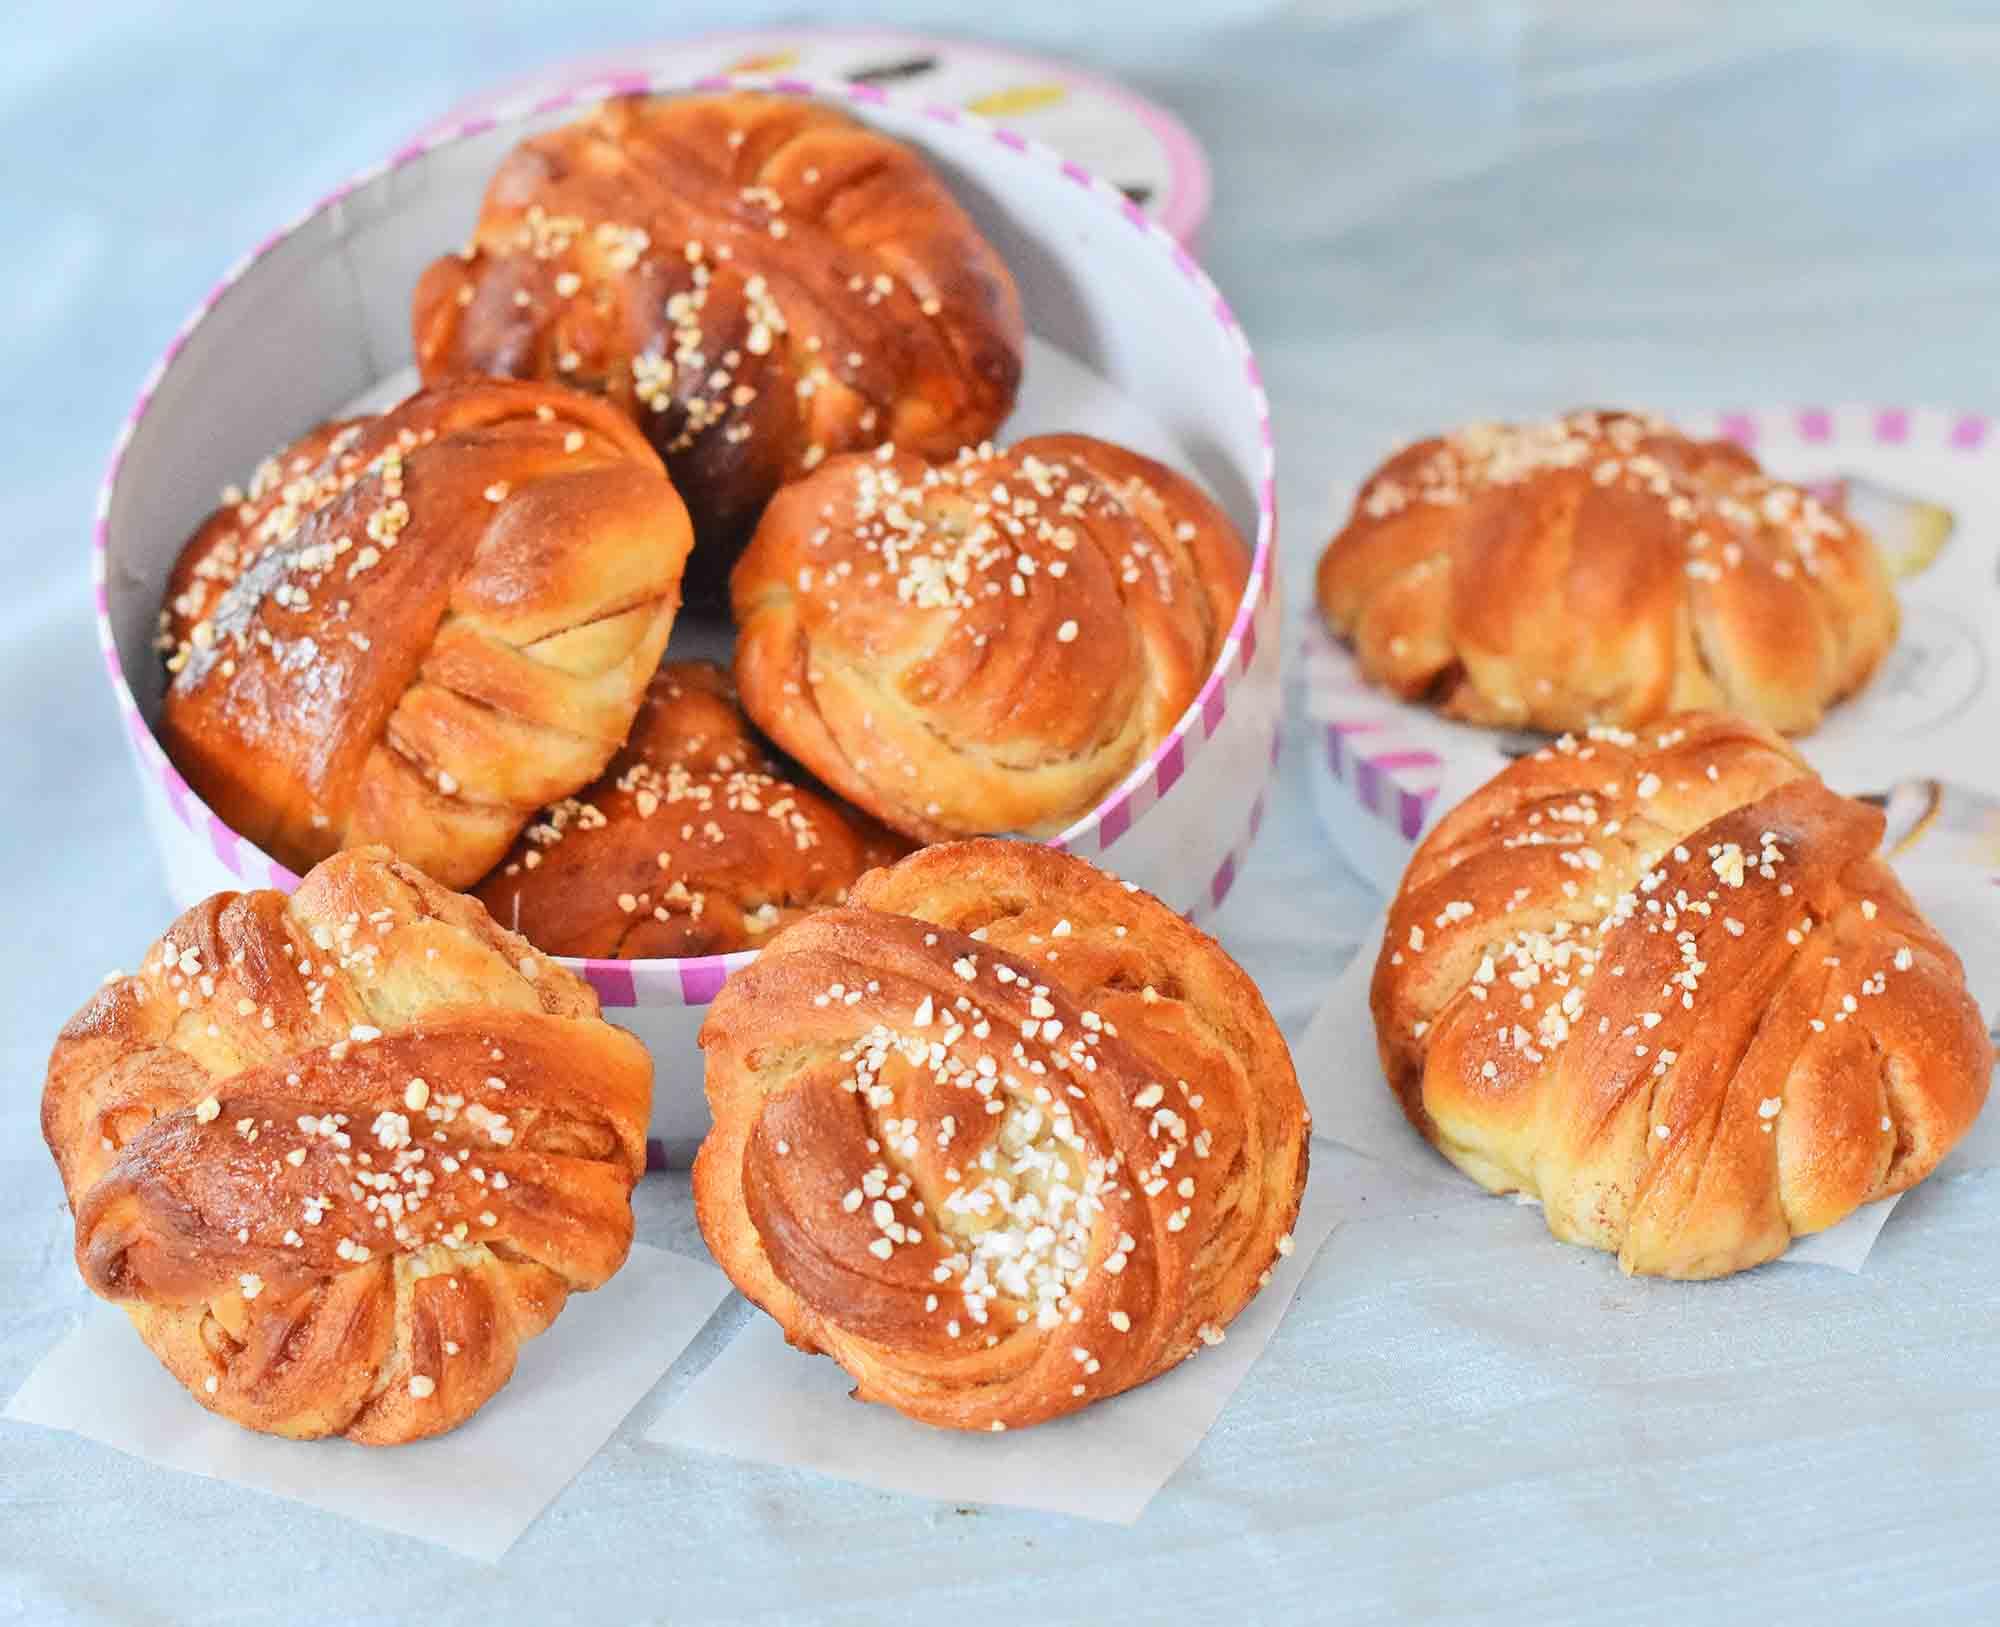 kanelbullar-cinnamon buns